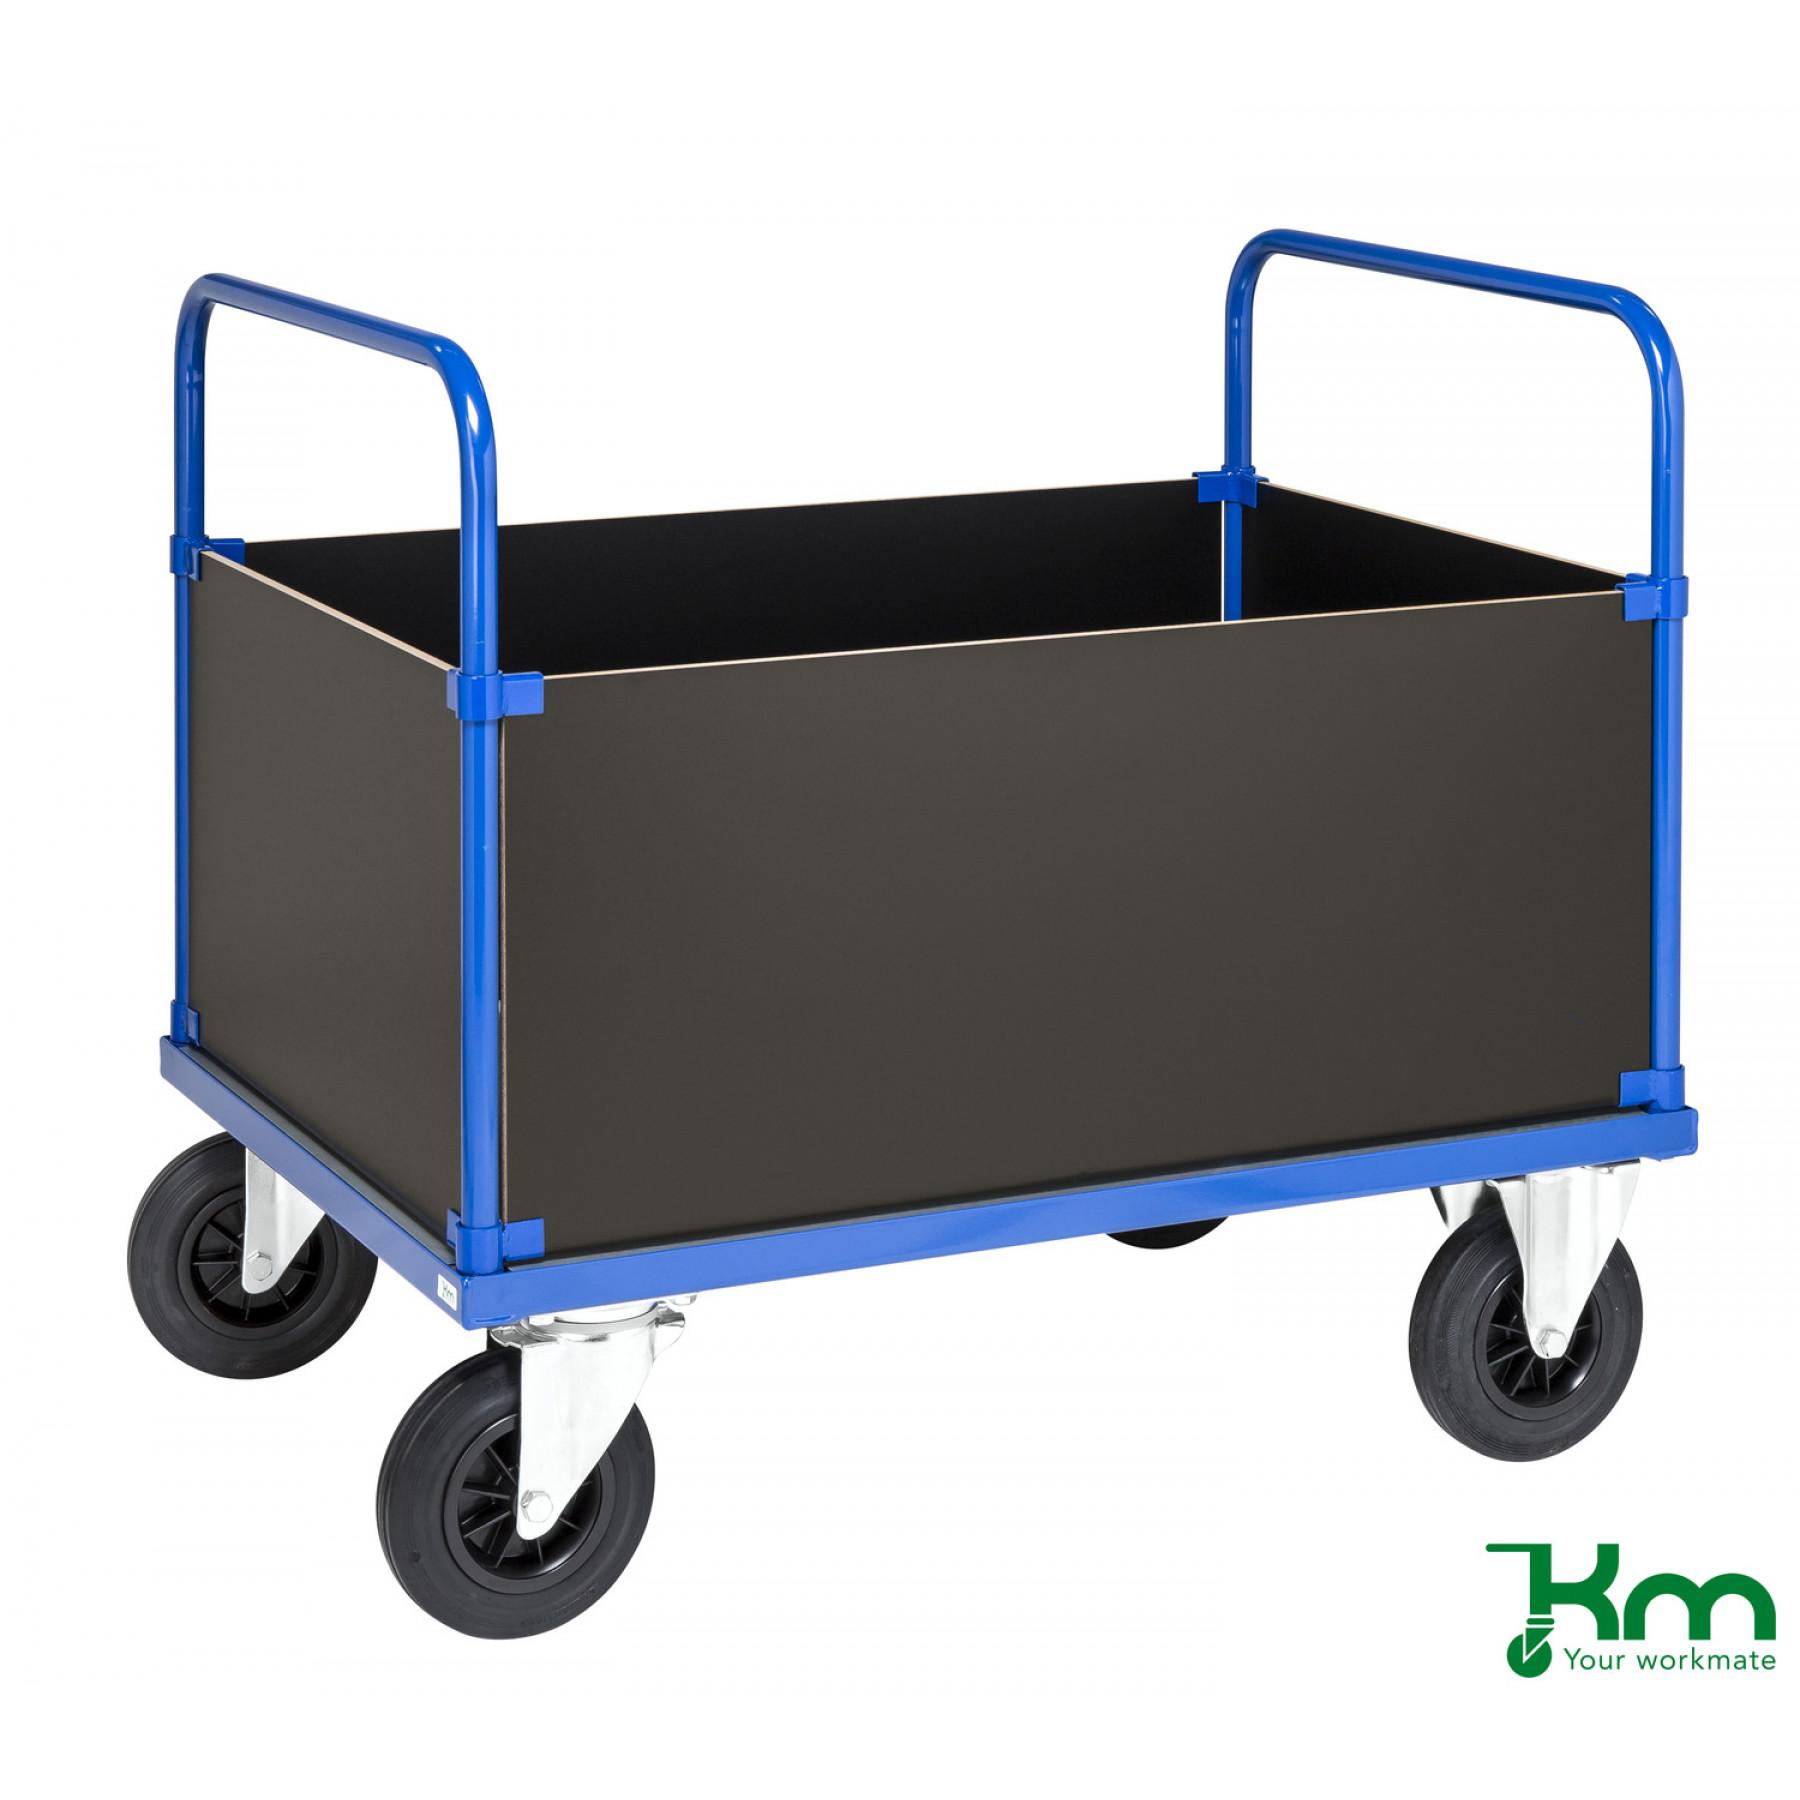 4-wandenwagen met staalverzinkte laadvloer